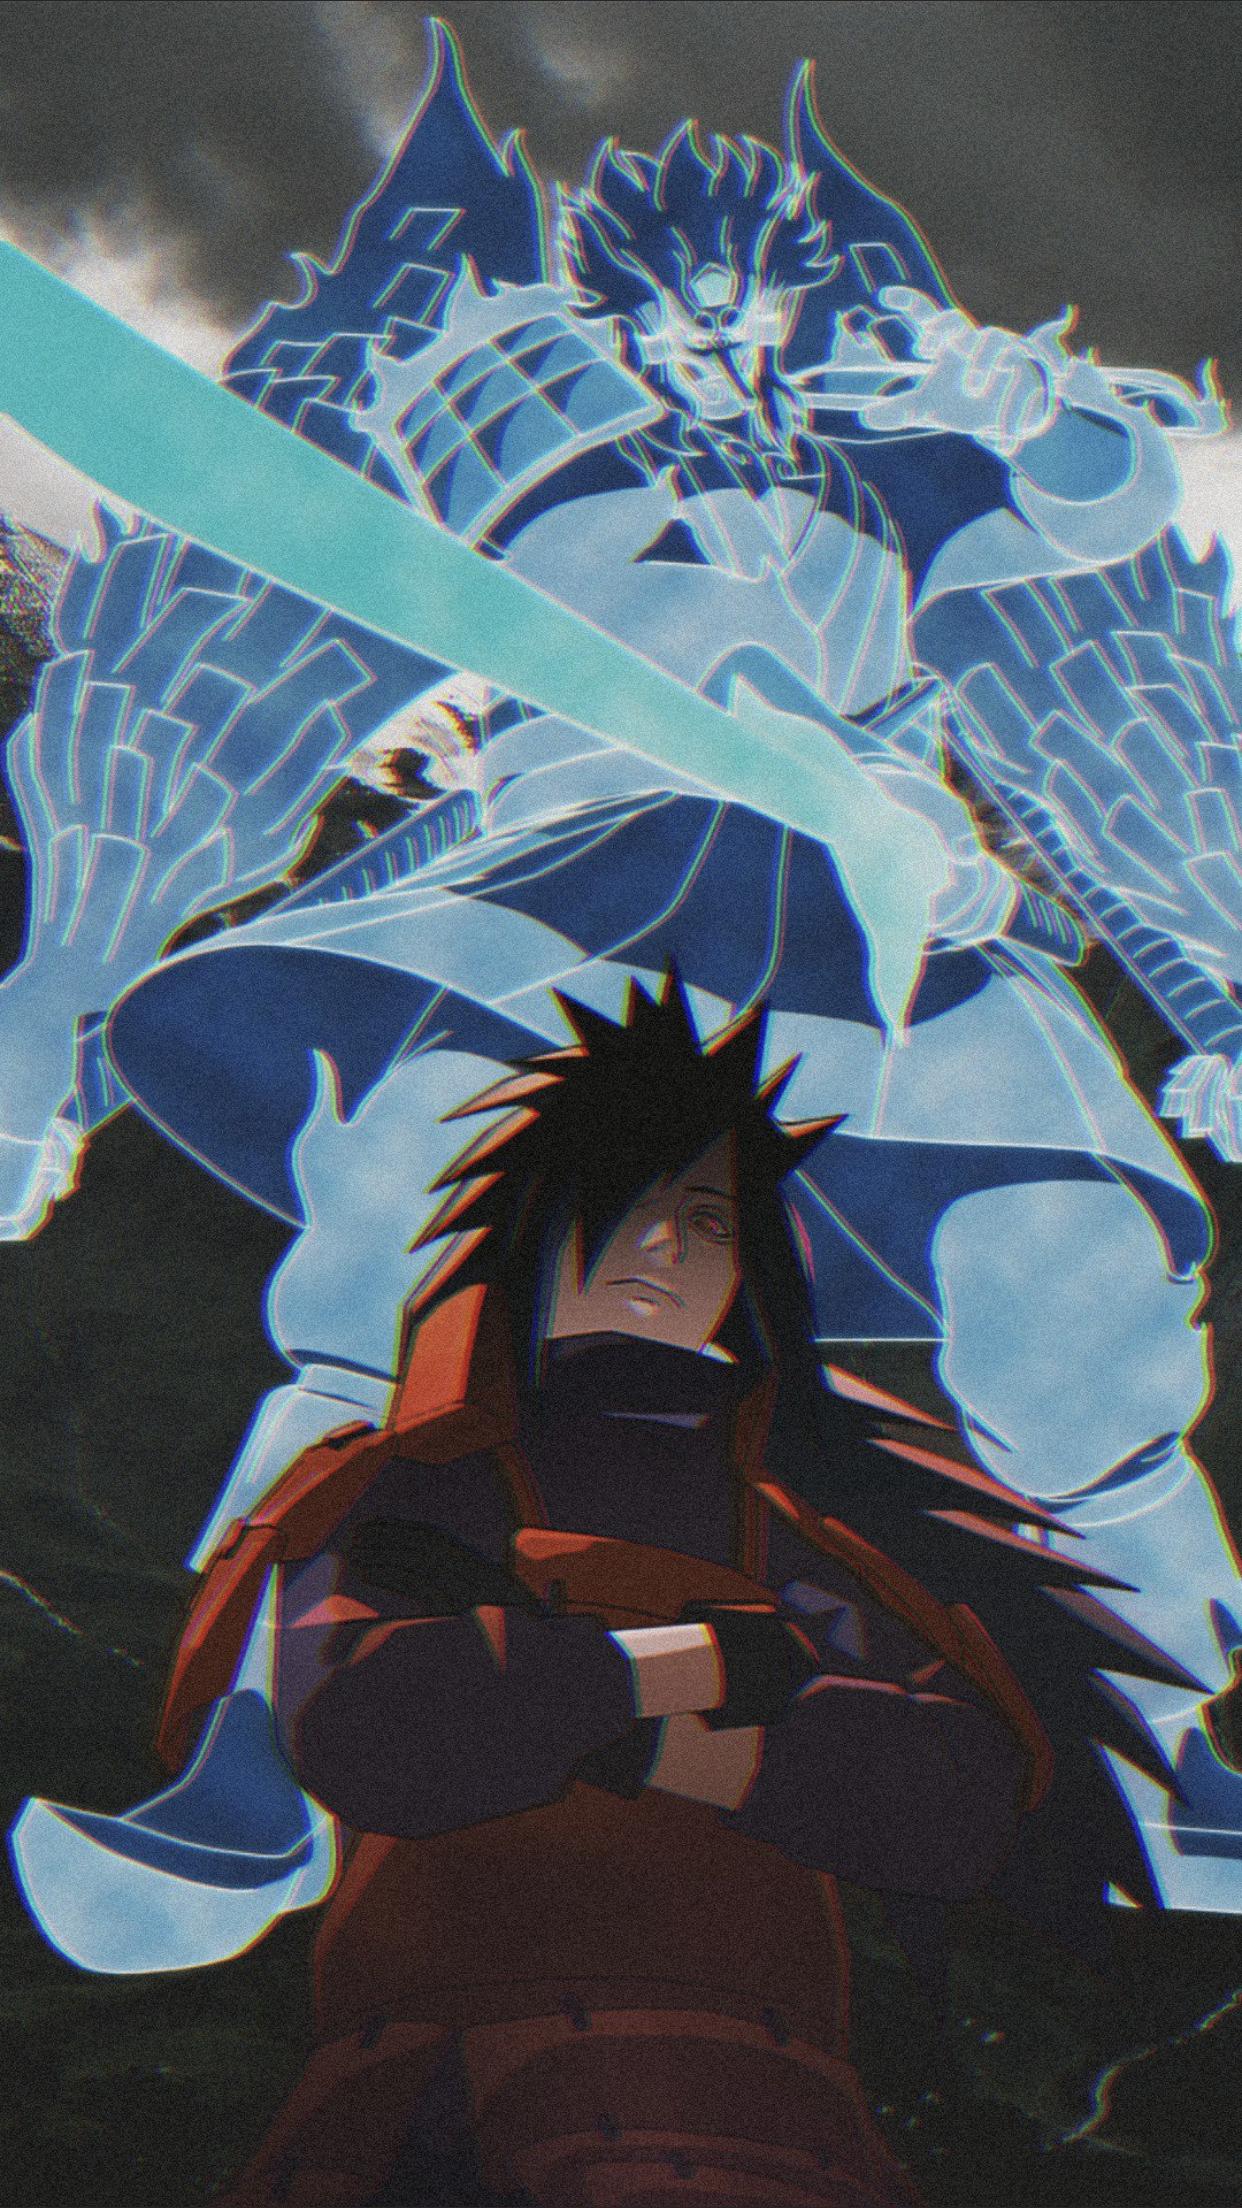 Madara Wallpaper Naruto Shippuden Naruto Shippuden Sasuke